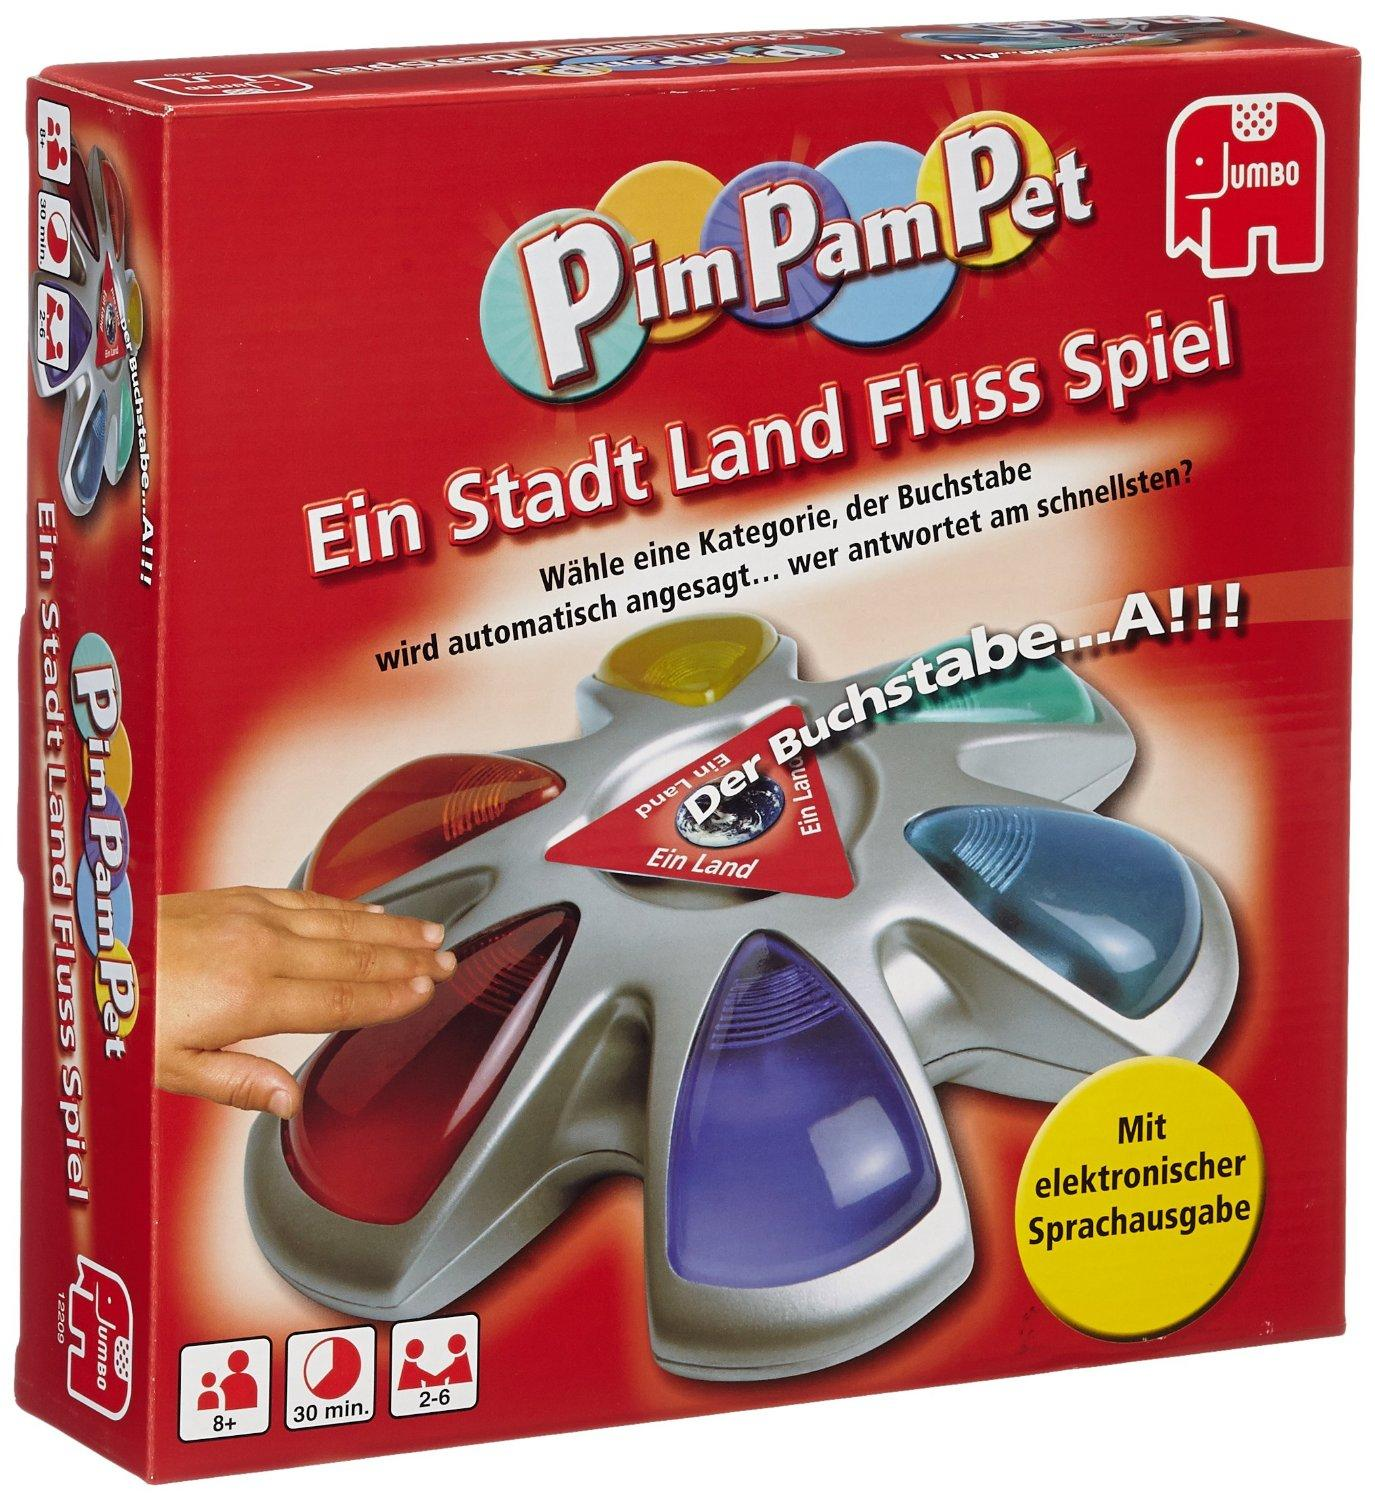 Pim Pam Pet